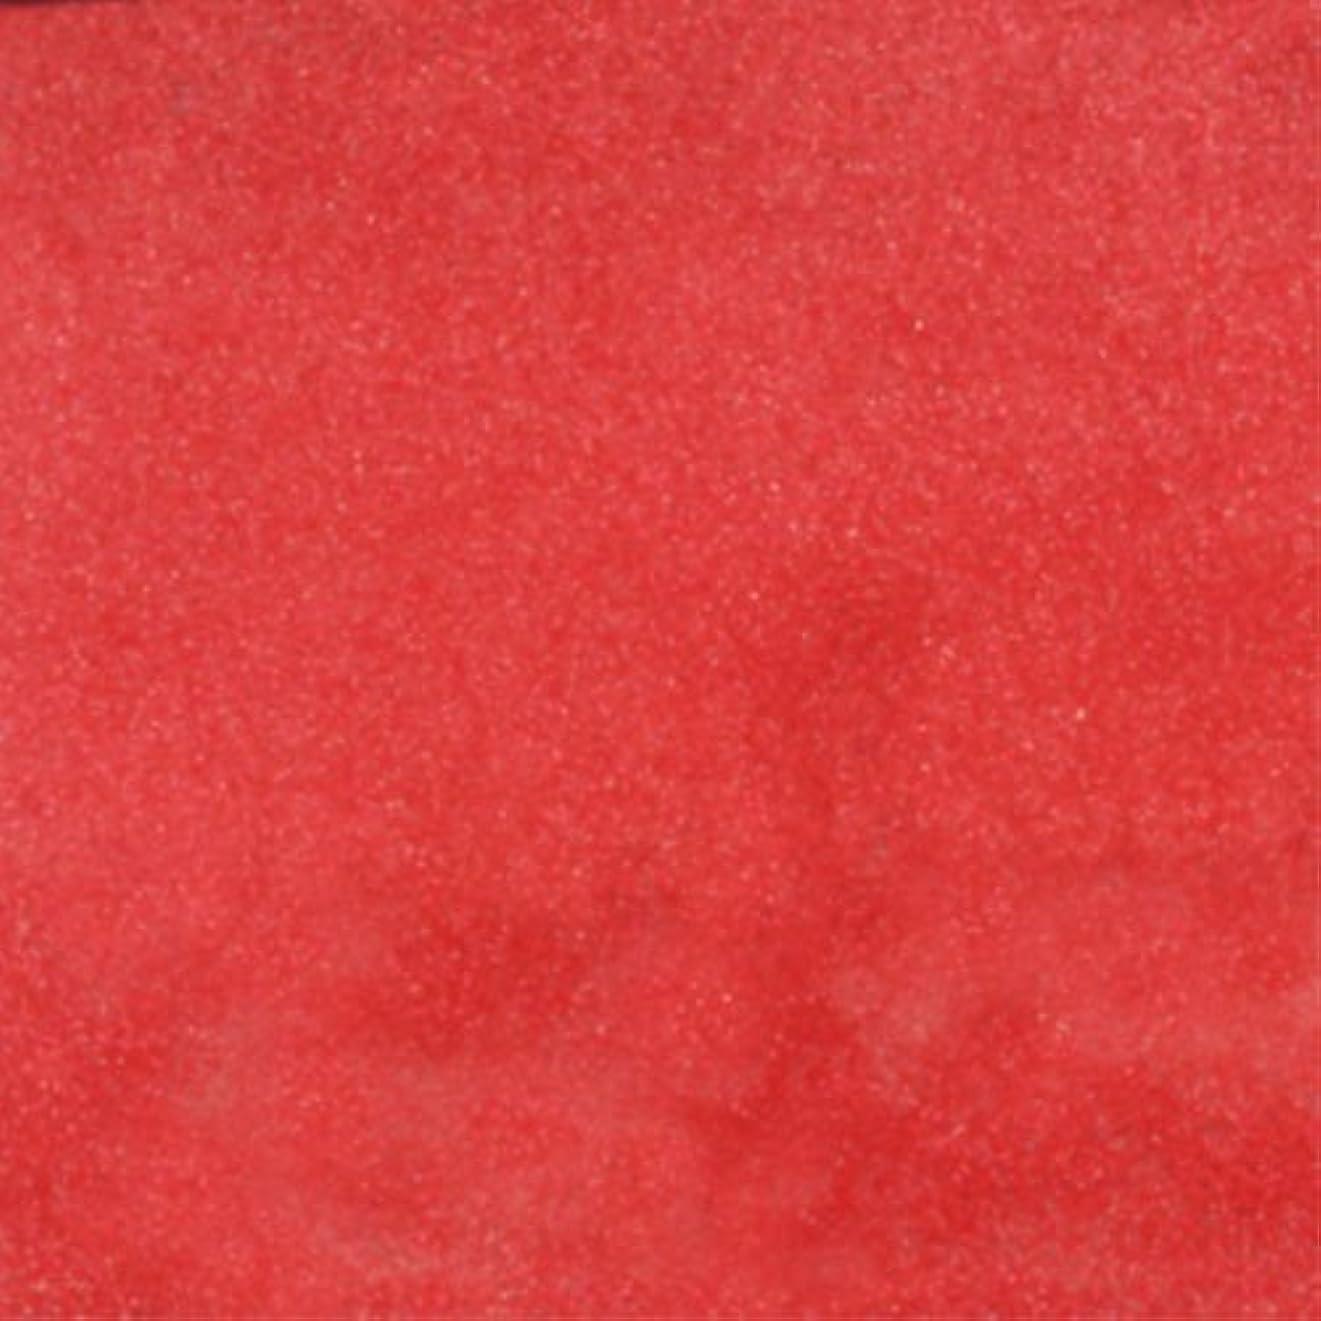 ロックピボット追い出すピカエース ネイル用パウダー シャインパウダー #807 赤色 0.25g